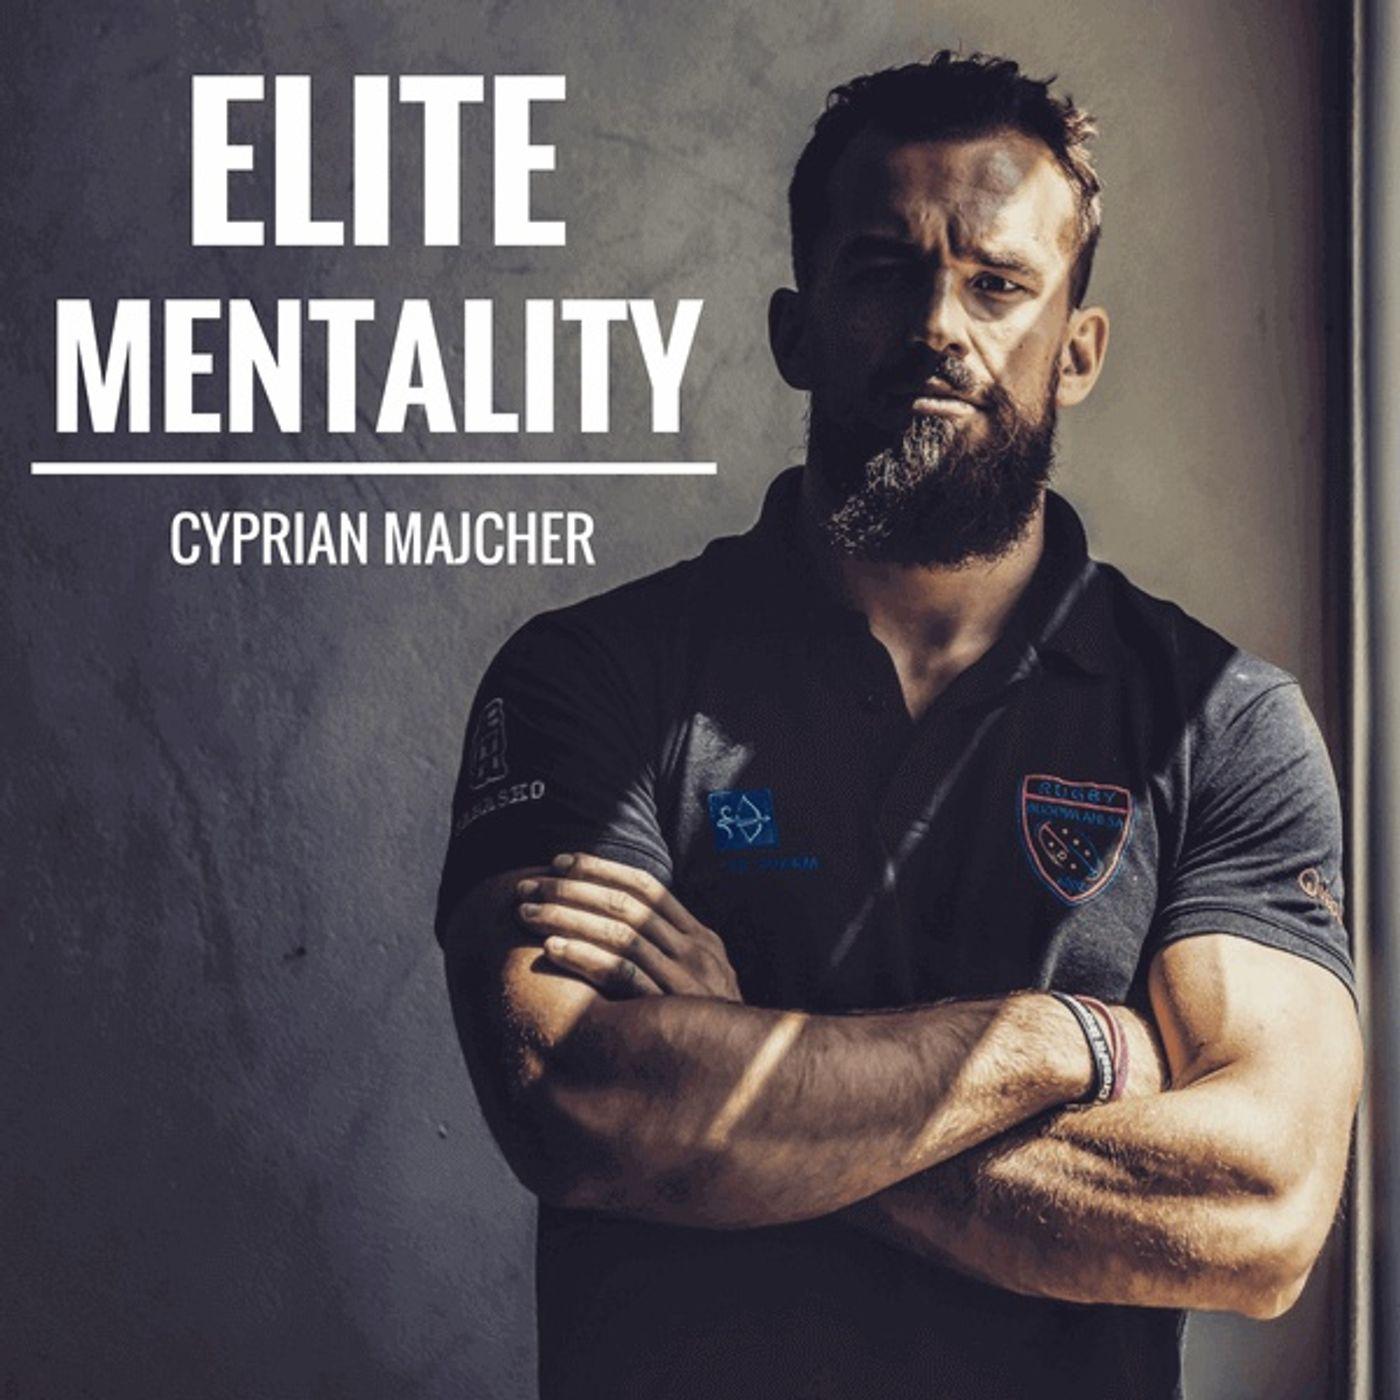 27. Roman Polko - Jak zostałem dowódcą jednego z najbardziej elitarnych oddziałów specjalnych na świecie? - Elite Mentality